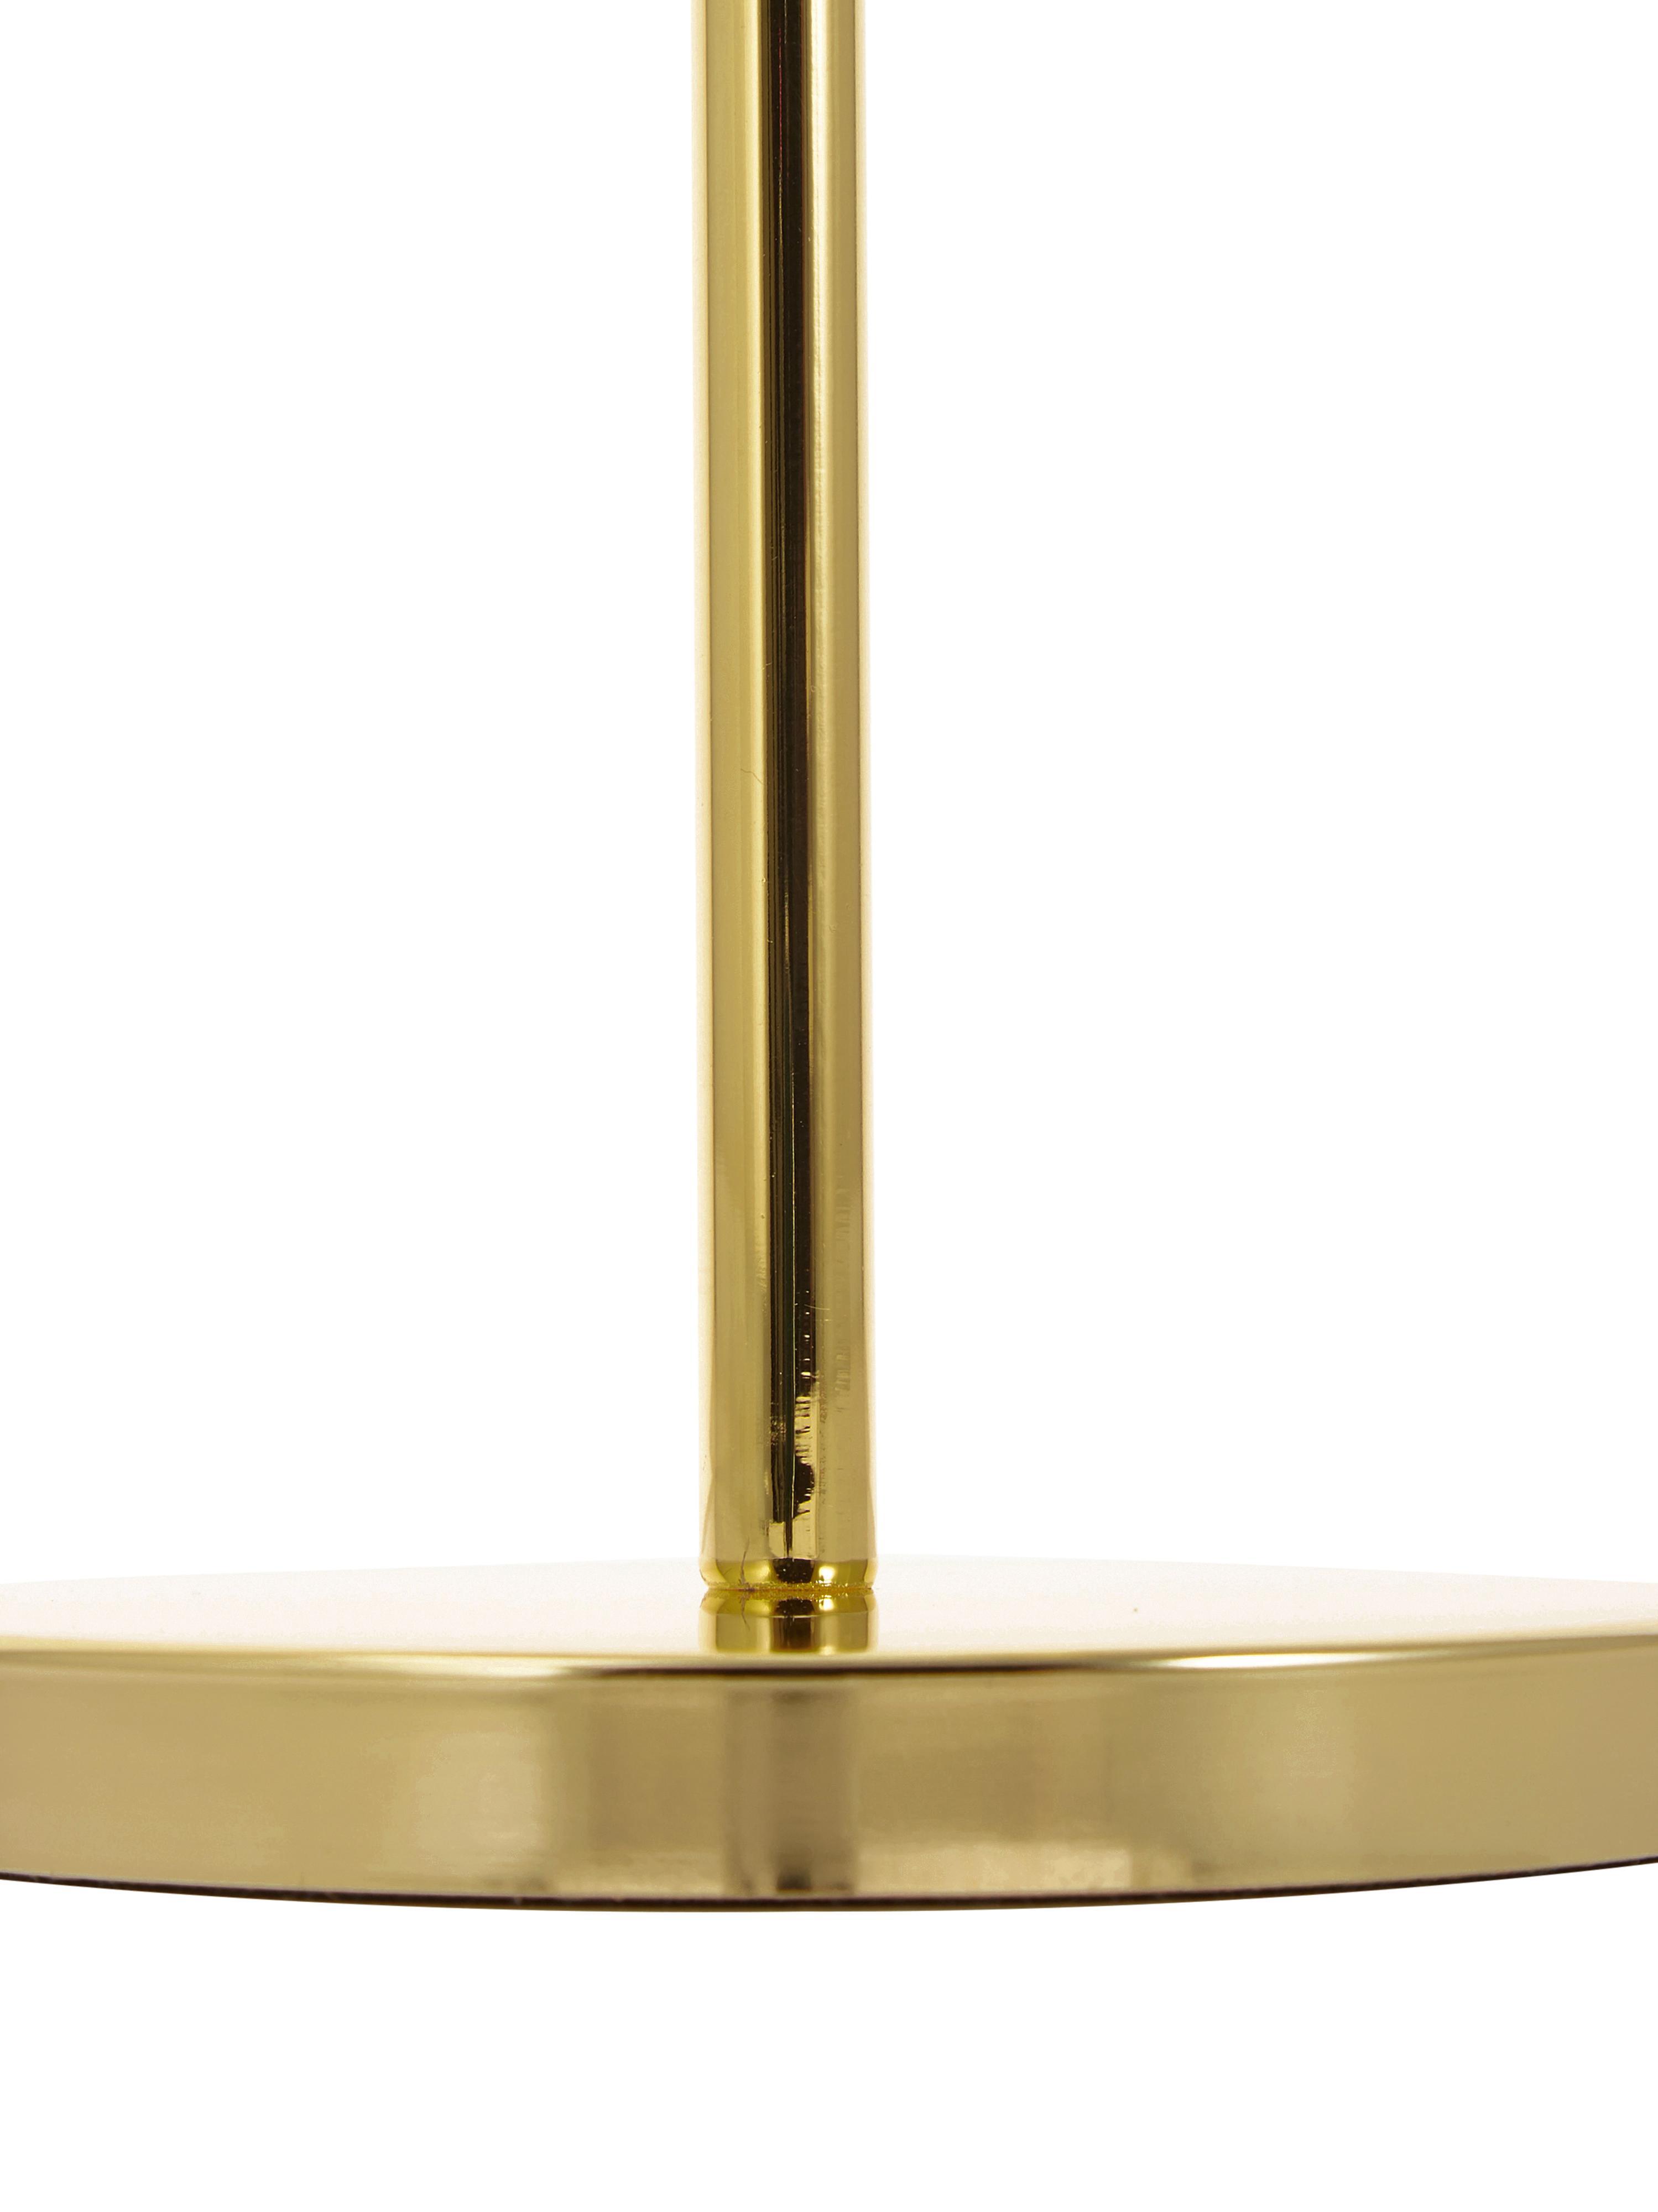 Kosmetikspiegel Classic mit Vergrößerung, Rahmen: Metall, Spiegelfläche: Spiegelglas, Rahmen: GoldfarbenSpiegelfläche: Spiegelglas, Ø 20 x H 35 cm